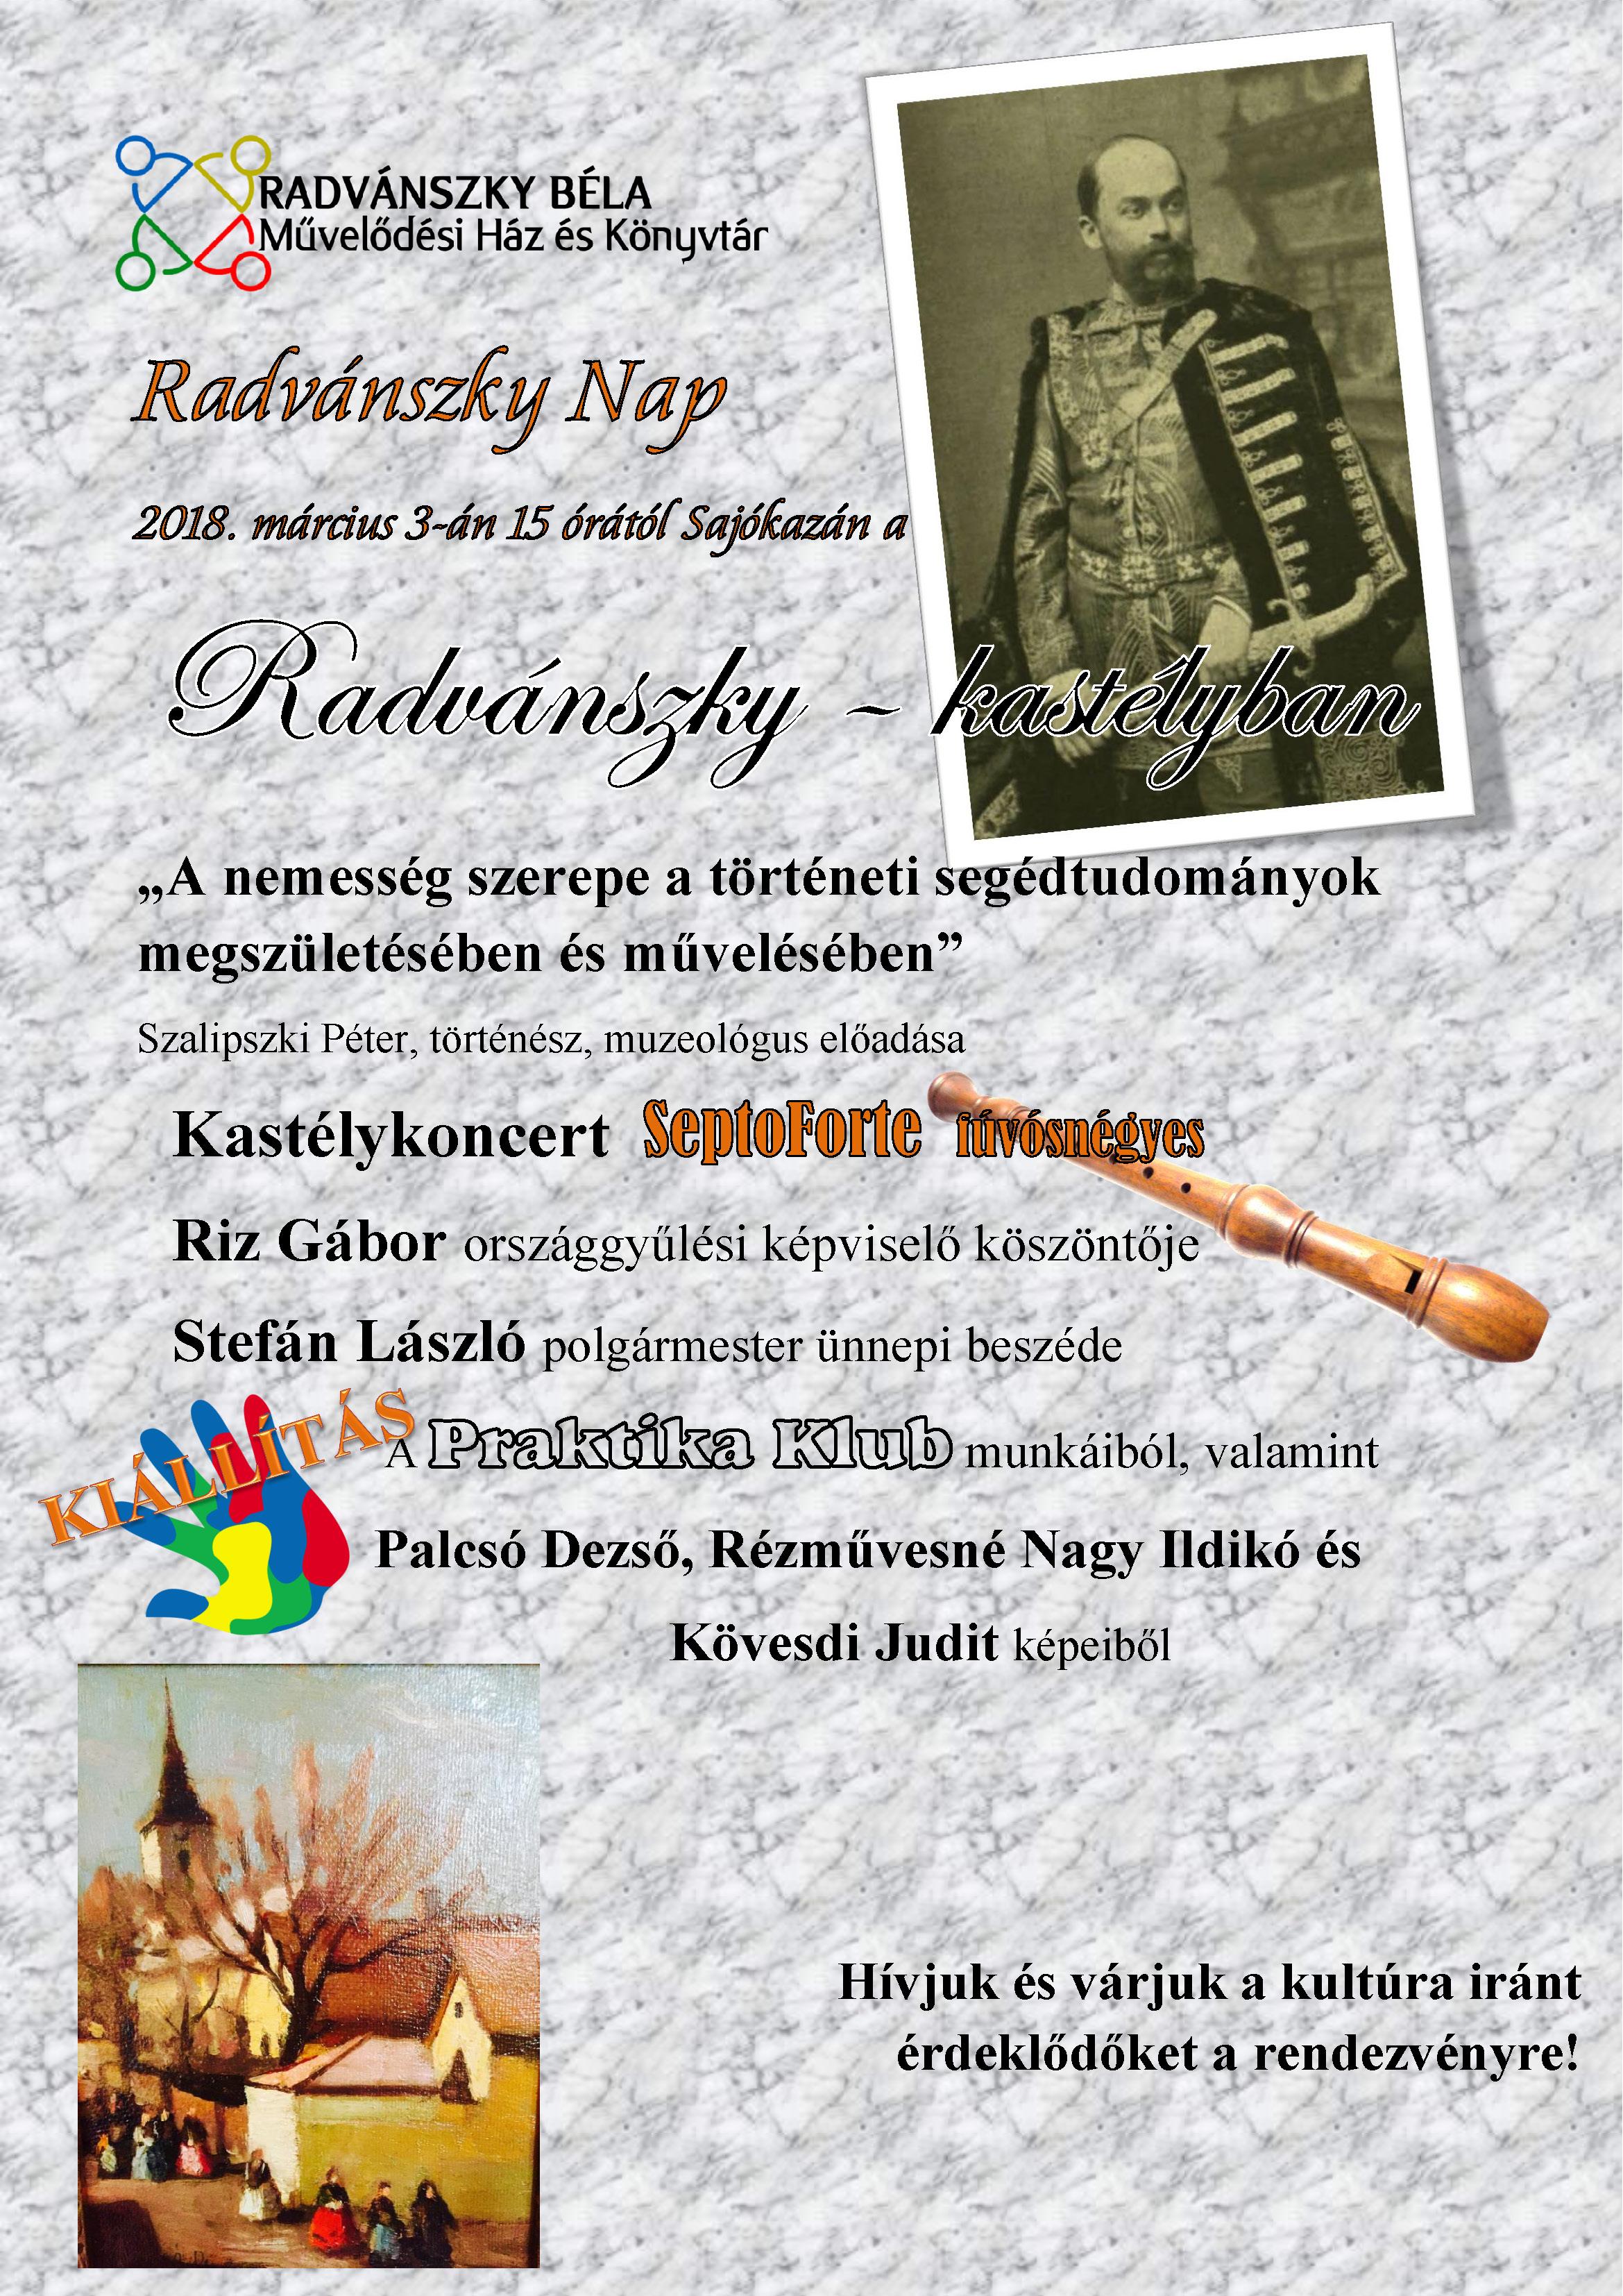 radvanszkynap